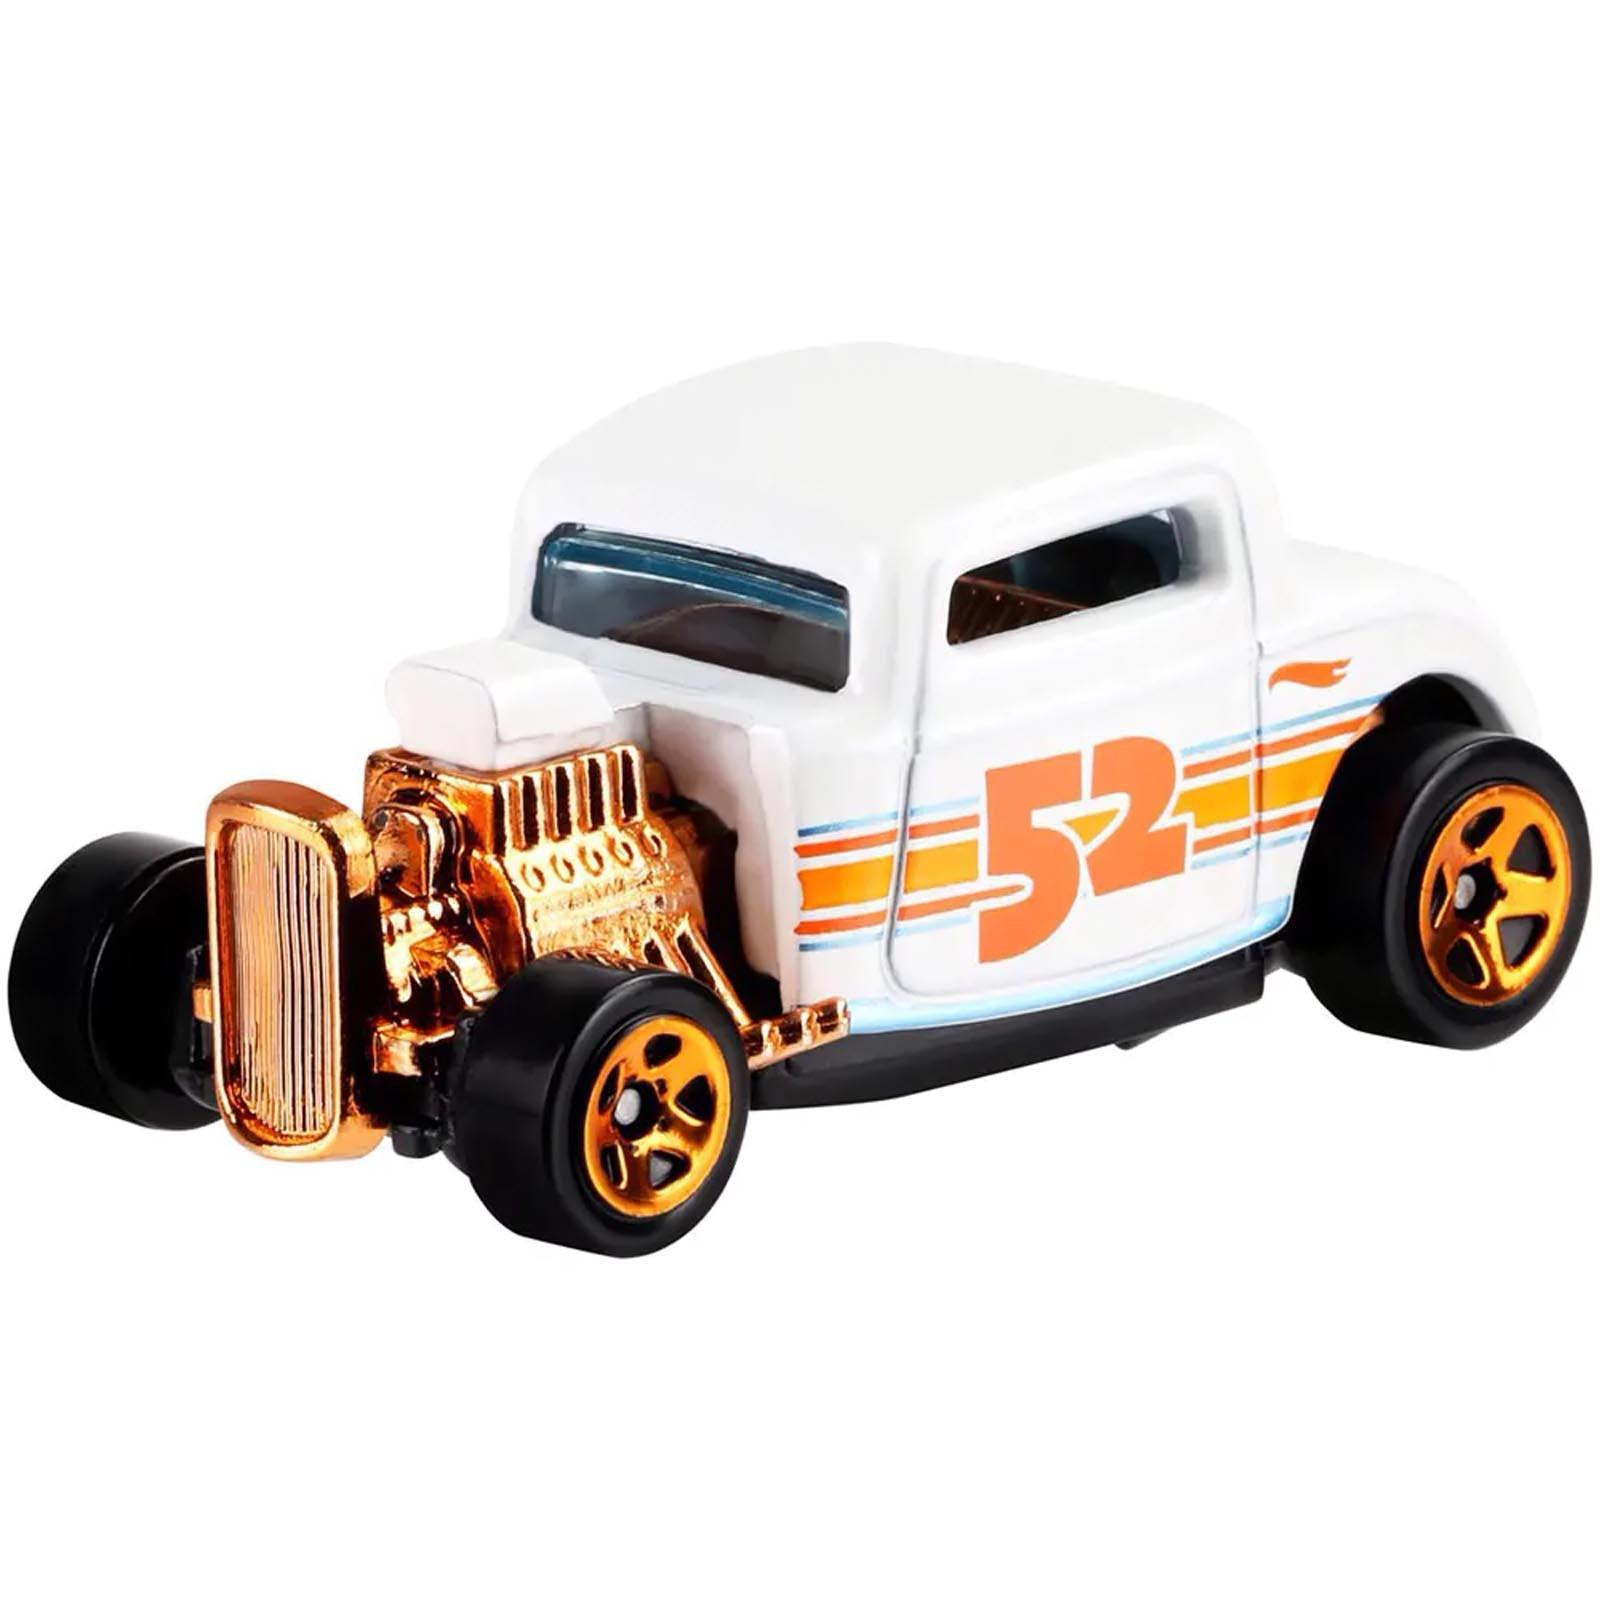 Hot Wheels - Set de 6 Miniaturas - Aniversário 52 Anos Pearl & Chrome - GJW48